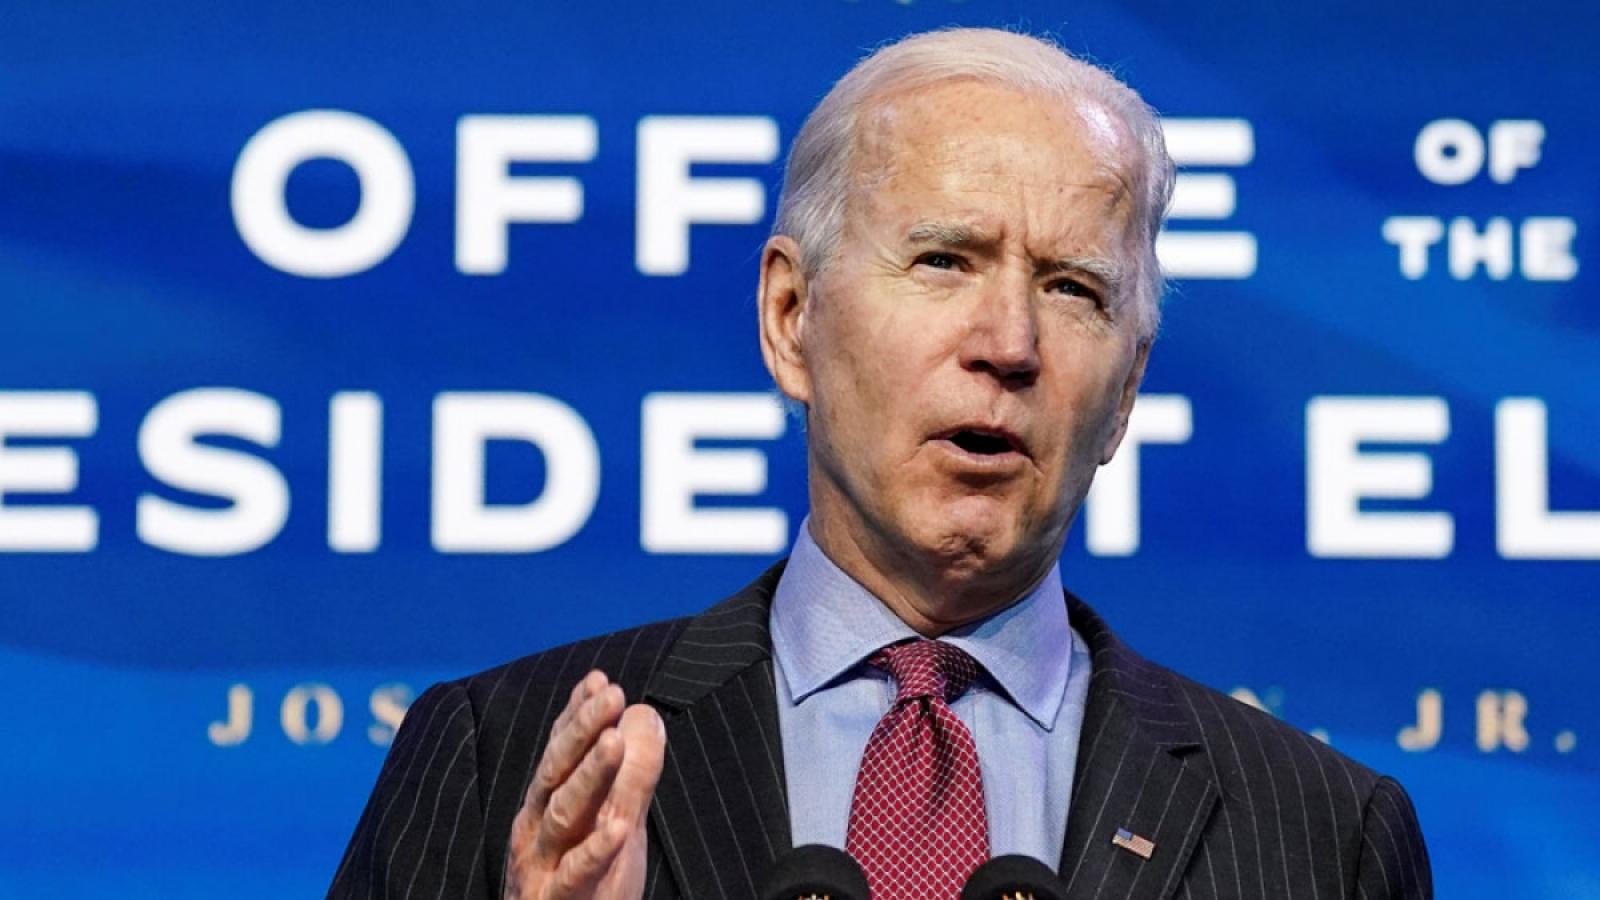 Tổng thống Biden tuyên bố sẵn sàng hợp tác với Trung Quốc vì lợi ích của Mỹ